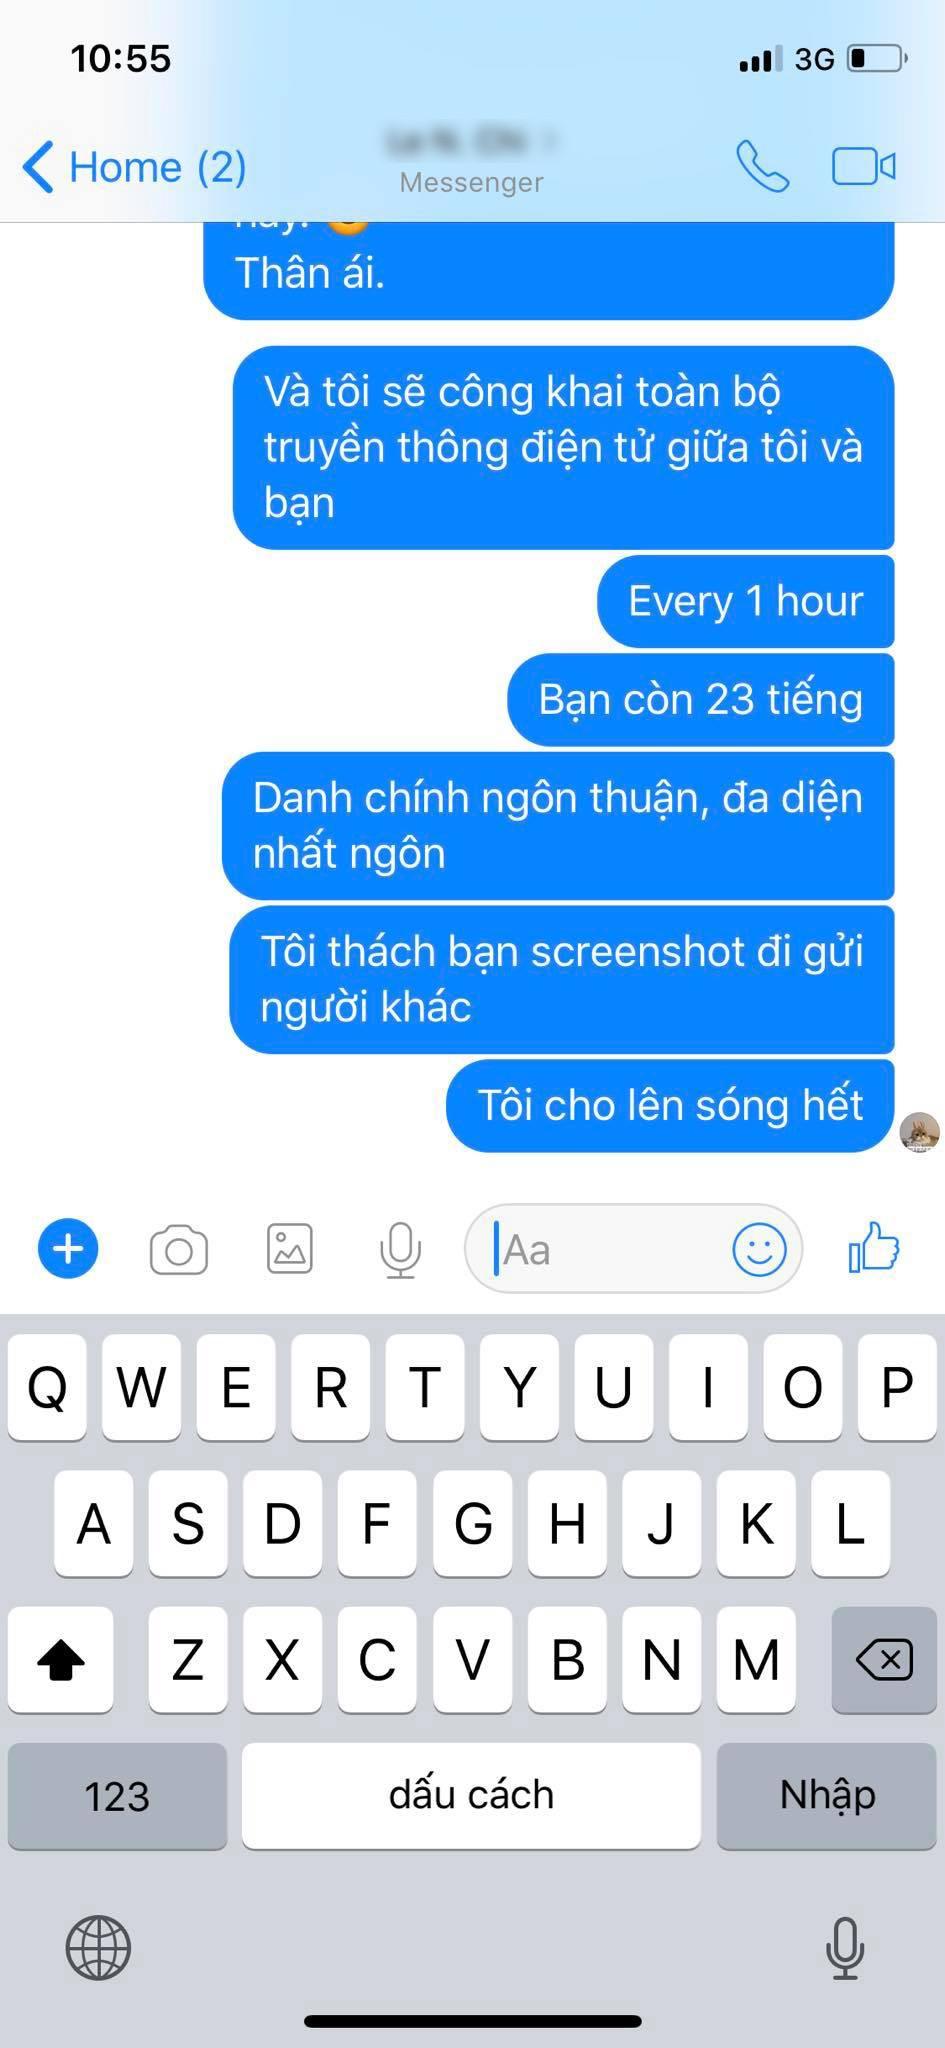 Dù biết là đọc phải page giả, Rocker Nguyễn vẫn chỉ trích và dọa fanpage HHSB xịn phải... tự giải quyết trong 24h - Ảnh 6.